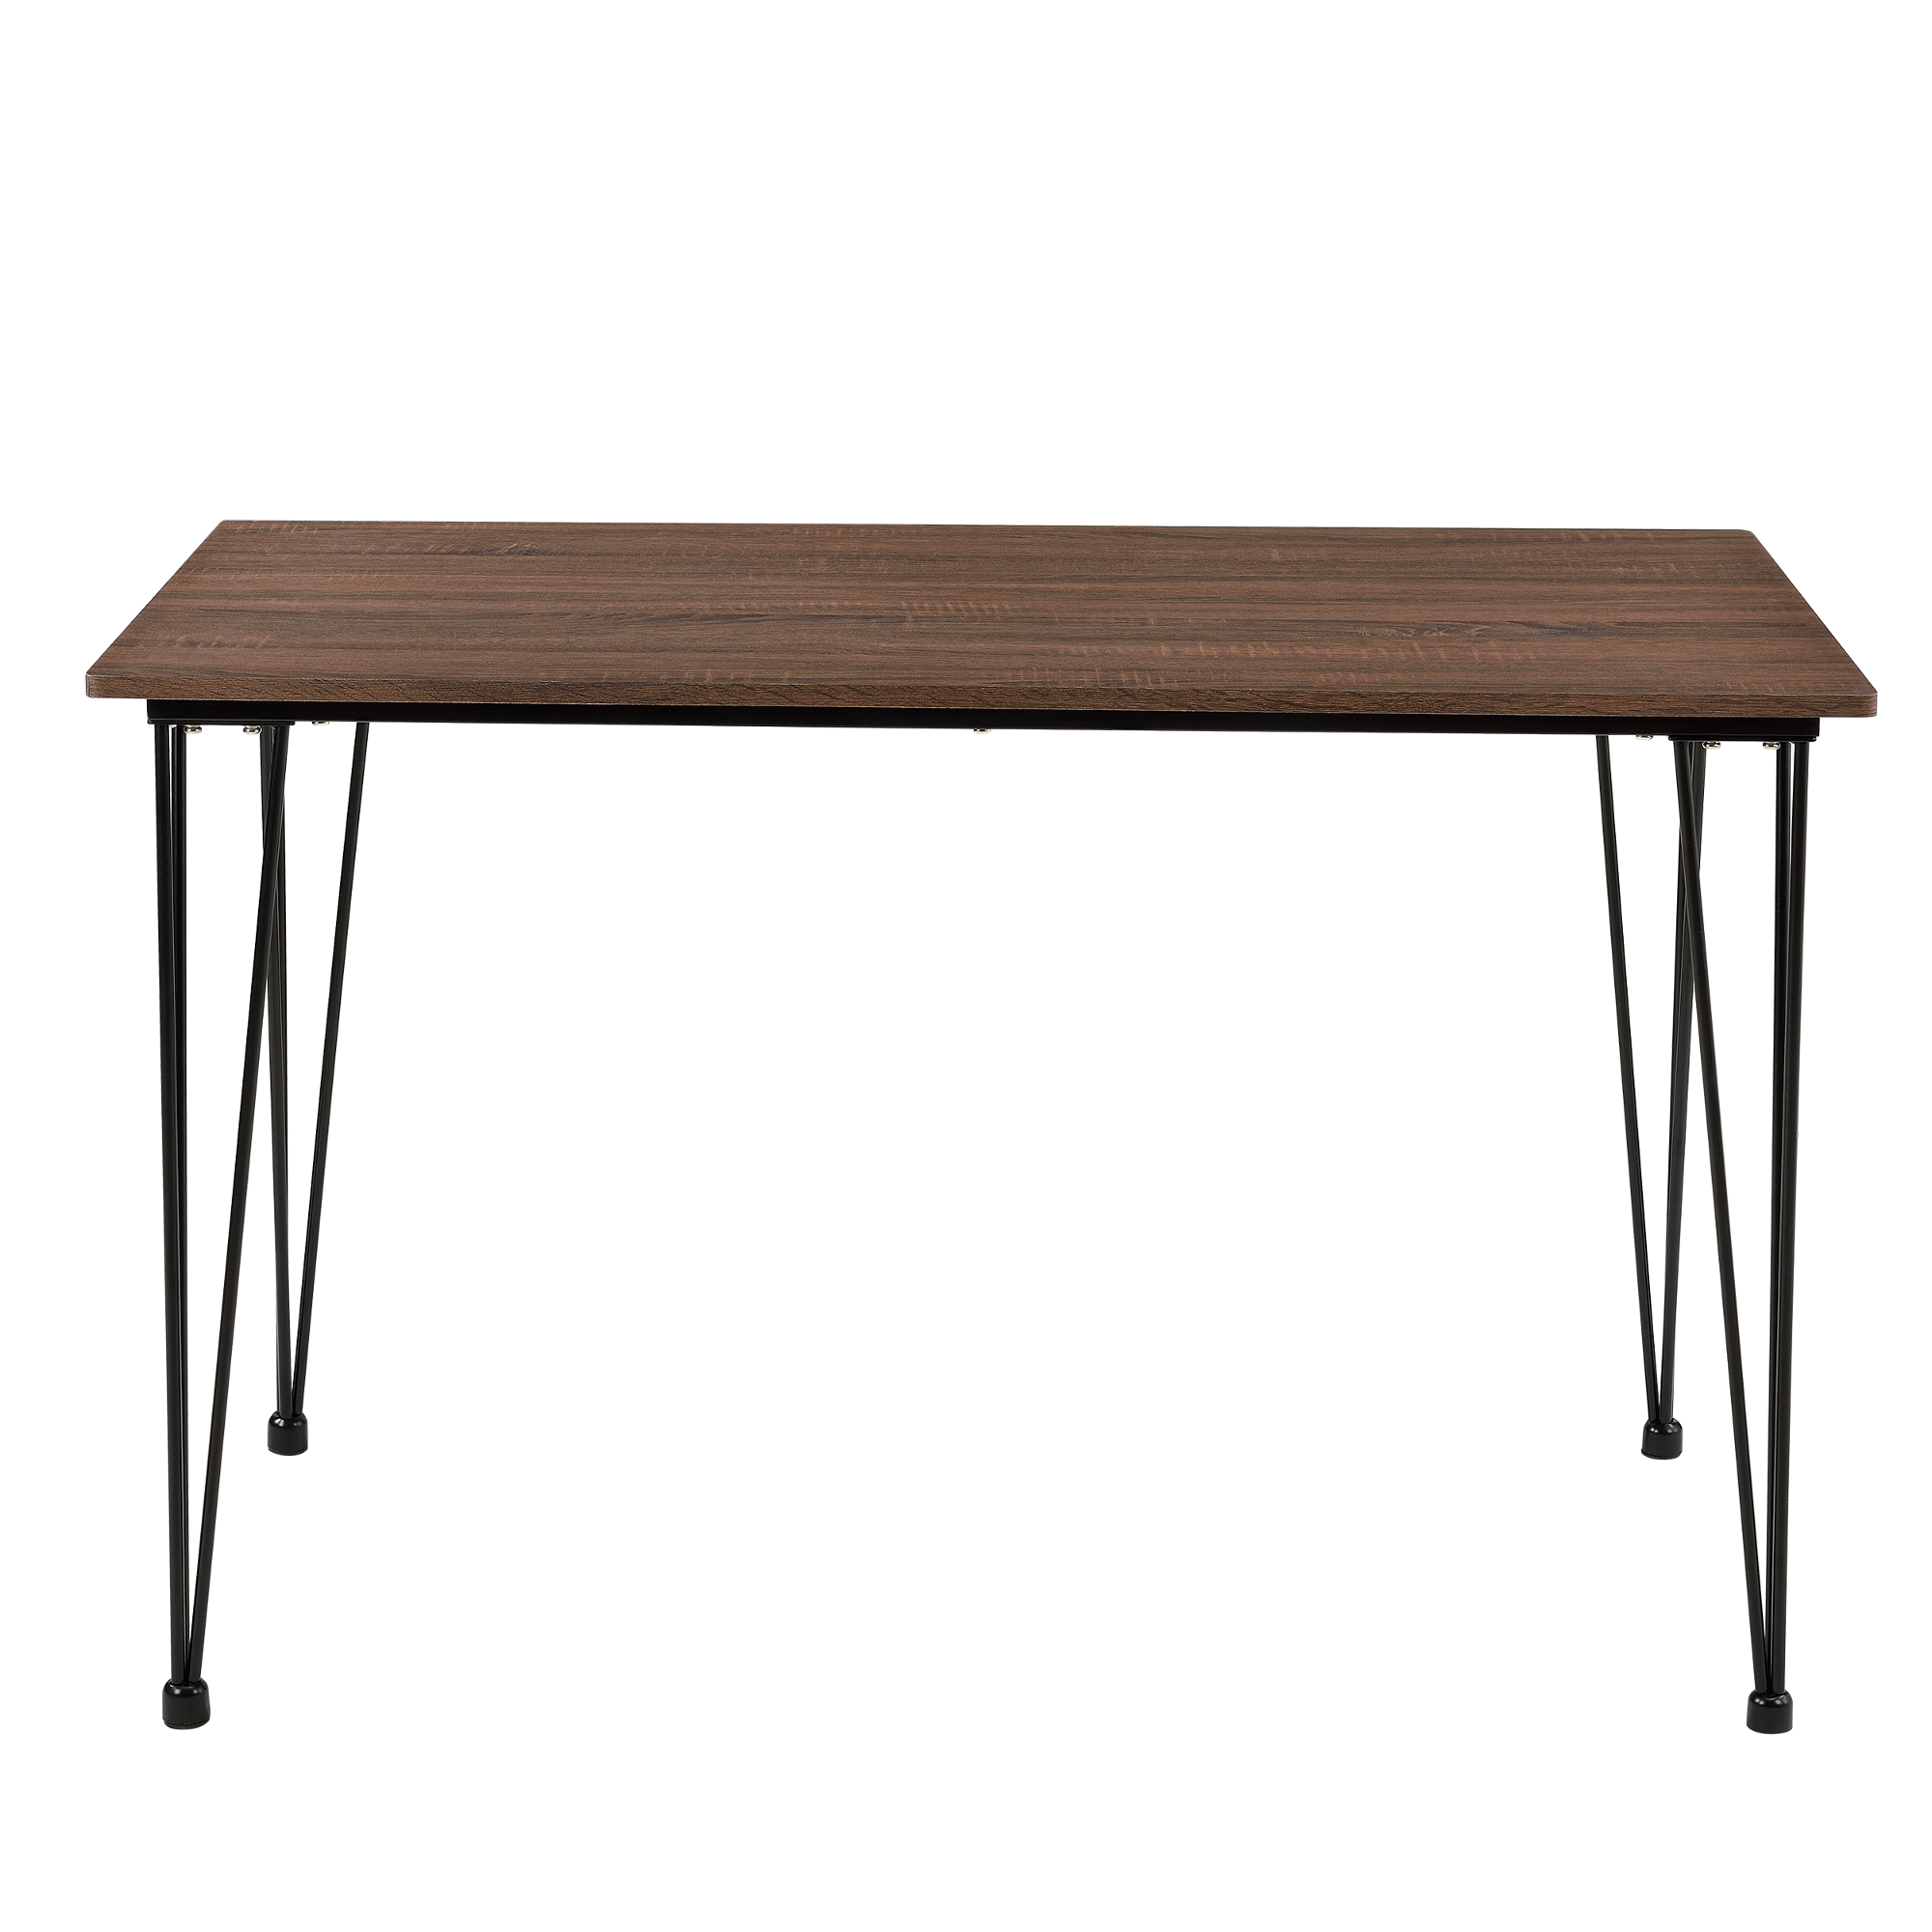 design esstisch hairpin 120x70cm k chentisch esszimmertisch tisch 4059438998119. Black Bedroom Furniture Sets. Home Design Ideas